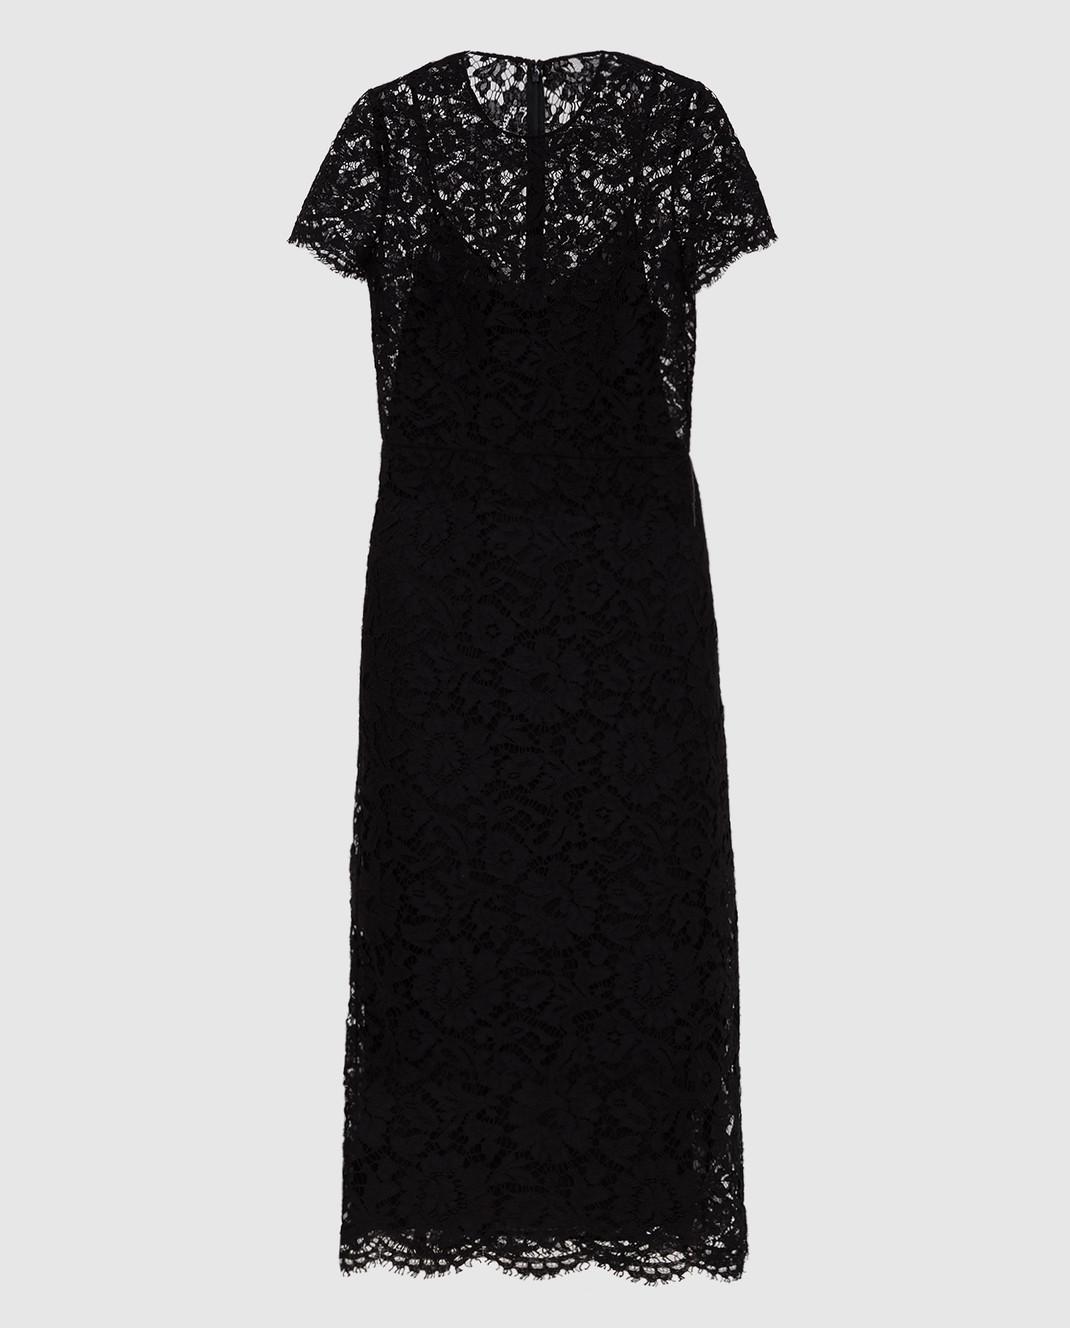 Valentino Черное платье из кружева SB3VABP51EC